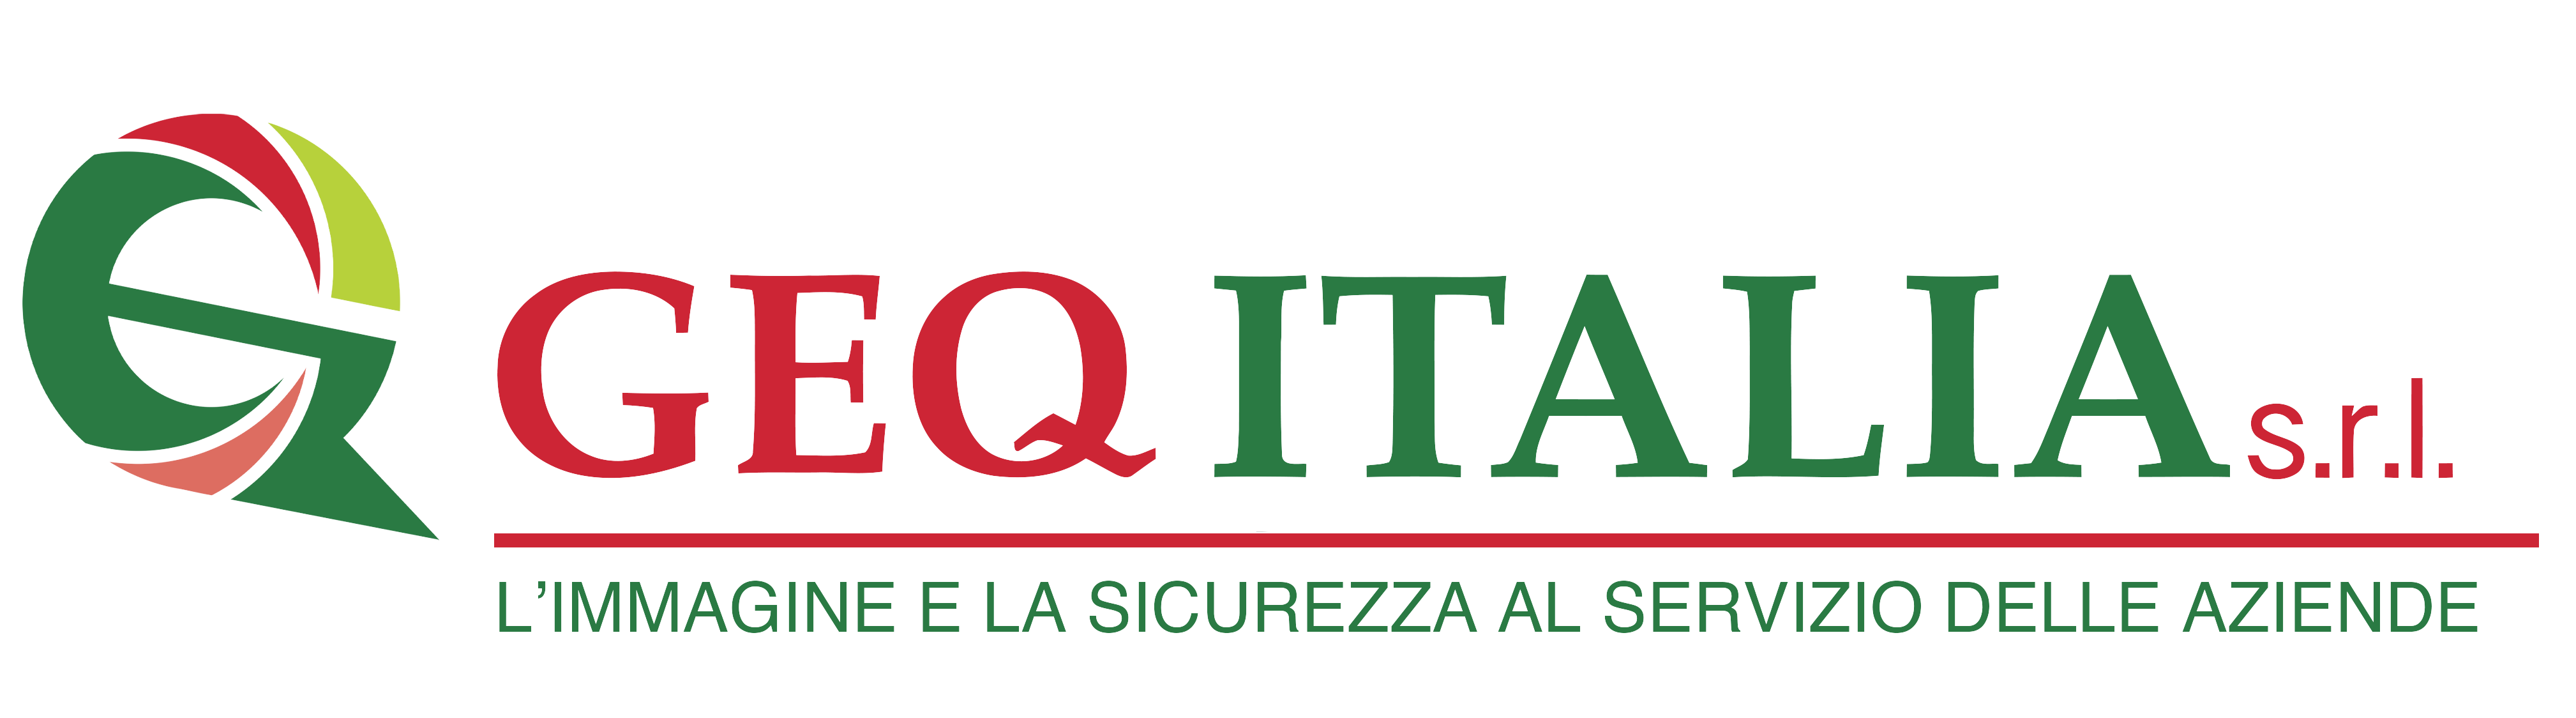 Geq Italia srl - l'immagine e la sicurezza al servizio delle aziende